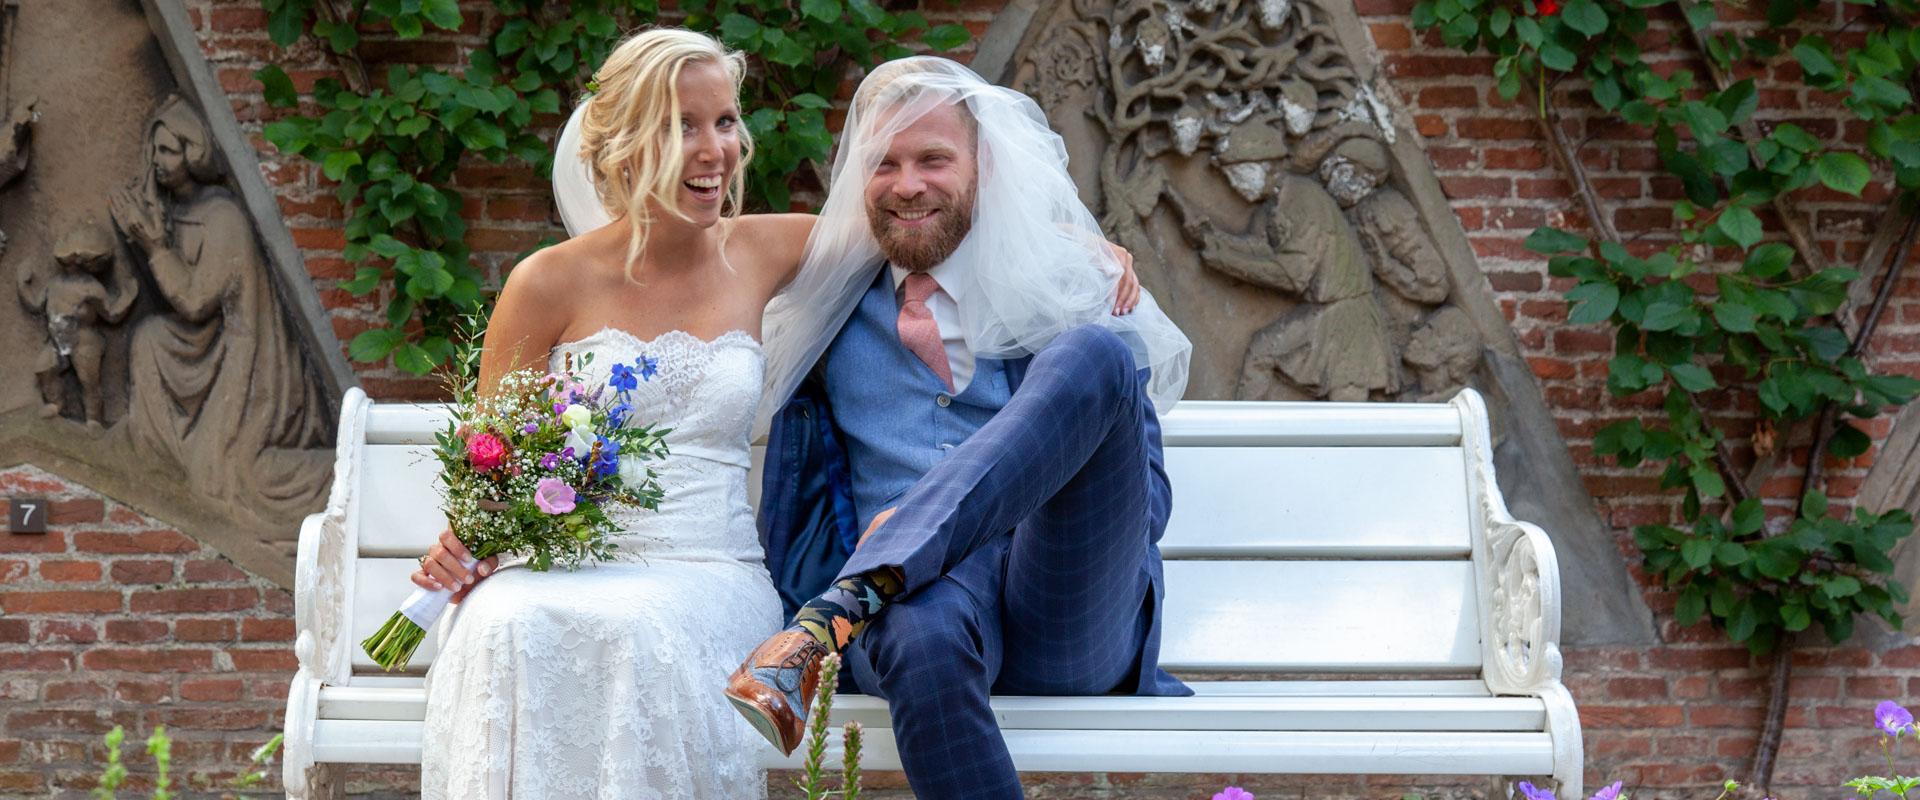 bruidsfoto, bruid en bruidegom, huwelijksfotografie, Utrecht, Fotosessie, bruidsreportage, domtuin